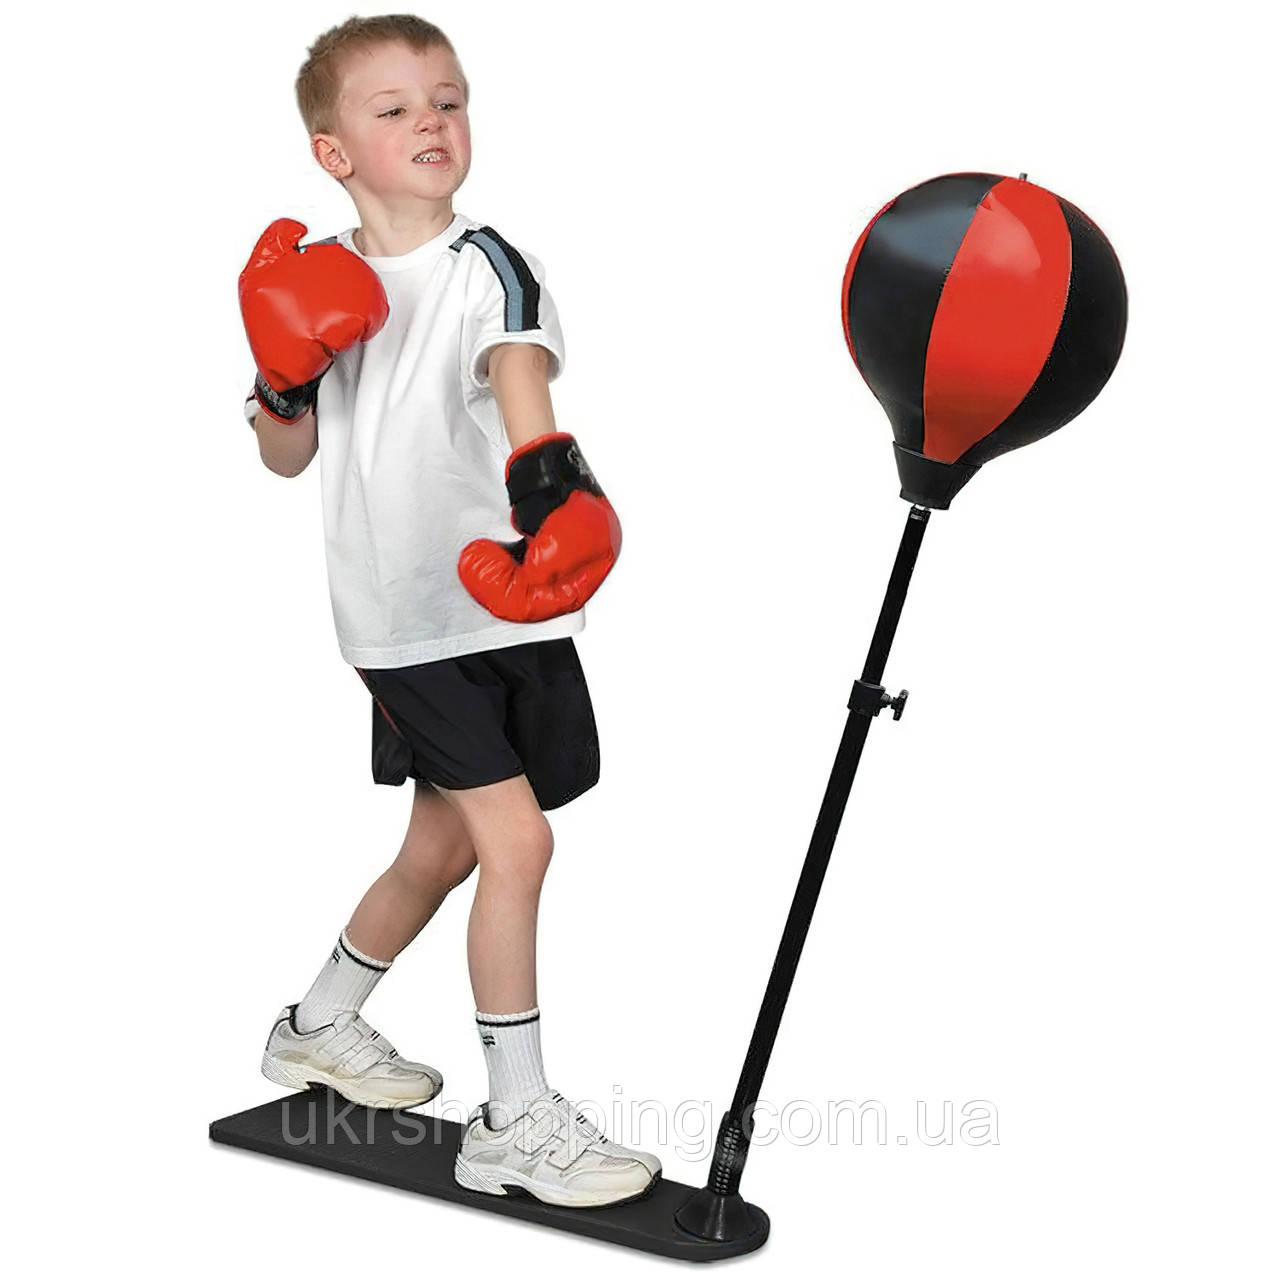 Боксерский набор на стойке Boxing King XJ-E 00828, боксерская груша и перчатки для детей (SH)